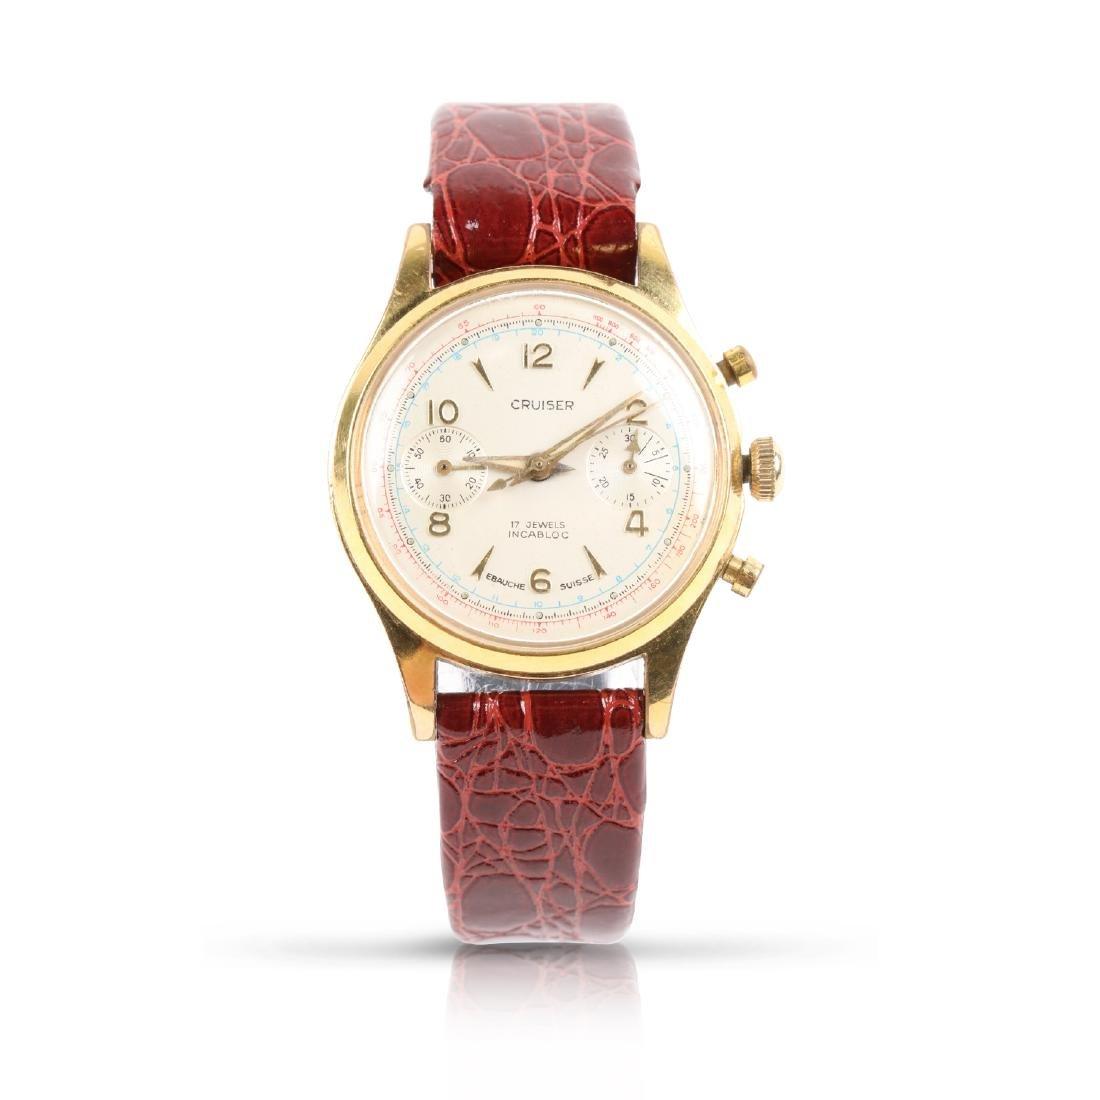 Ebauche, Cruiser Chronograph Wristwatch